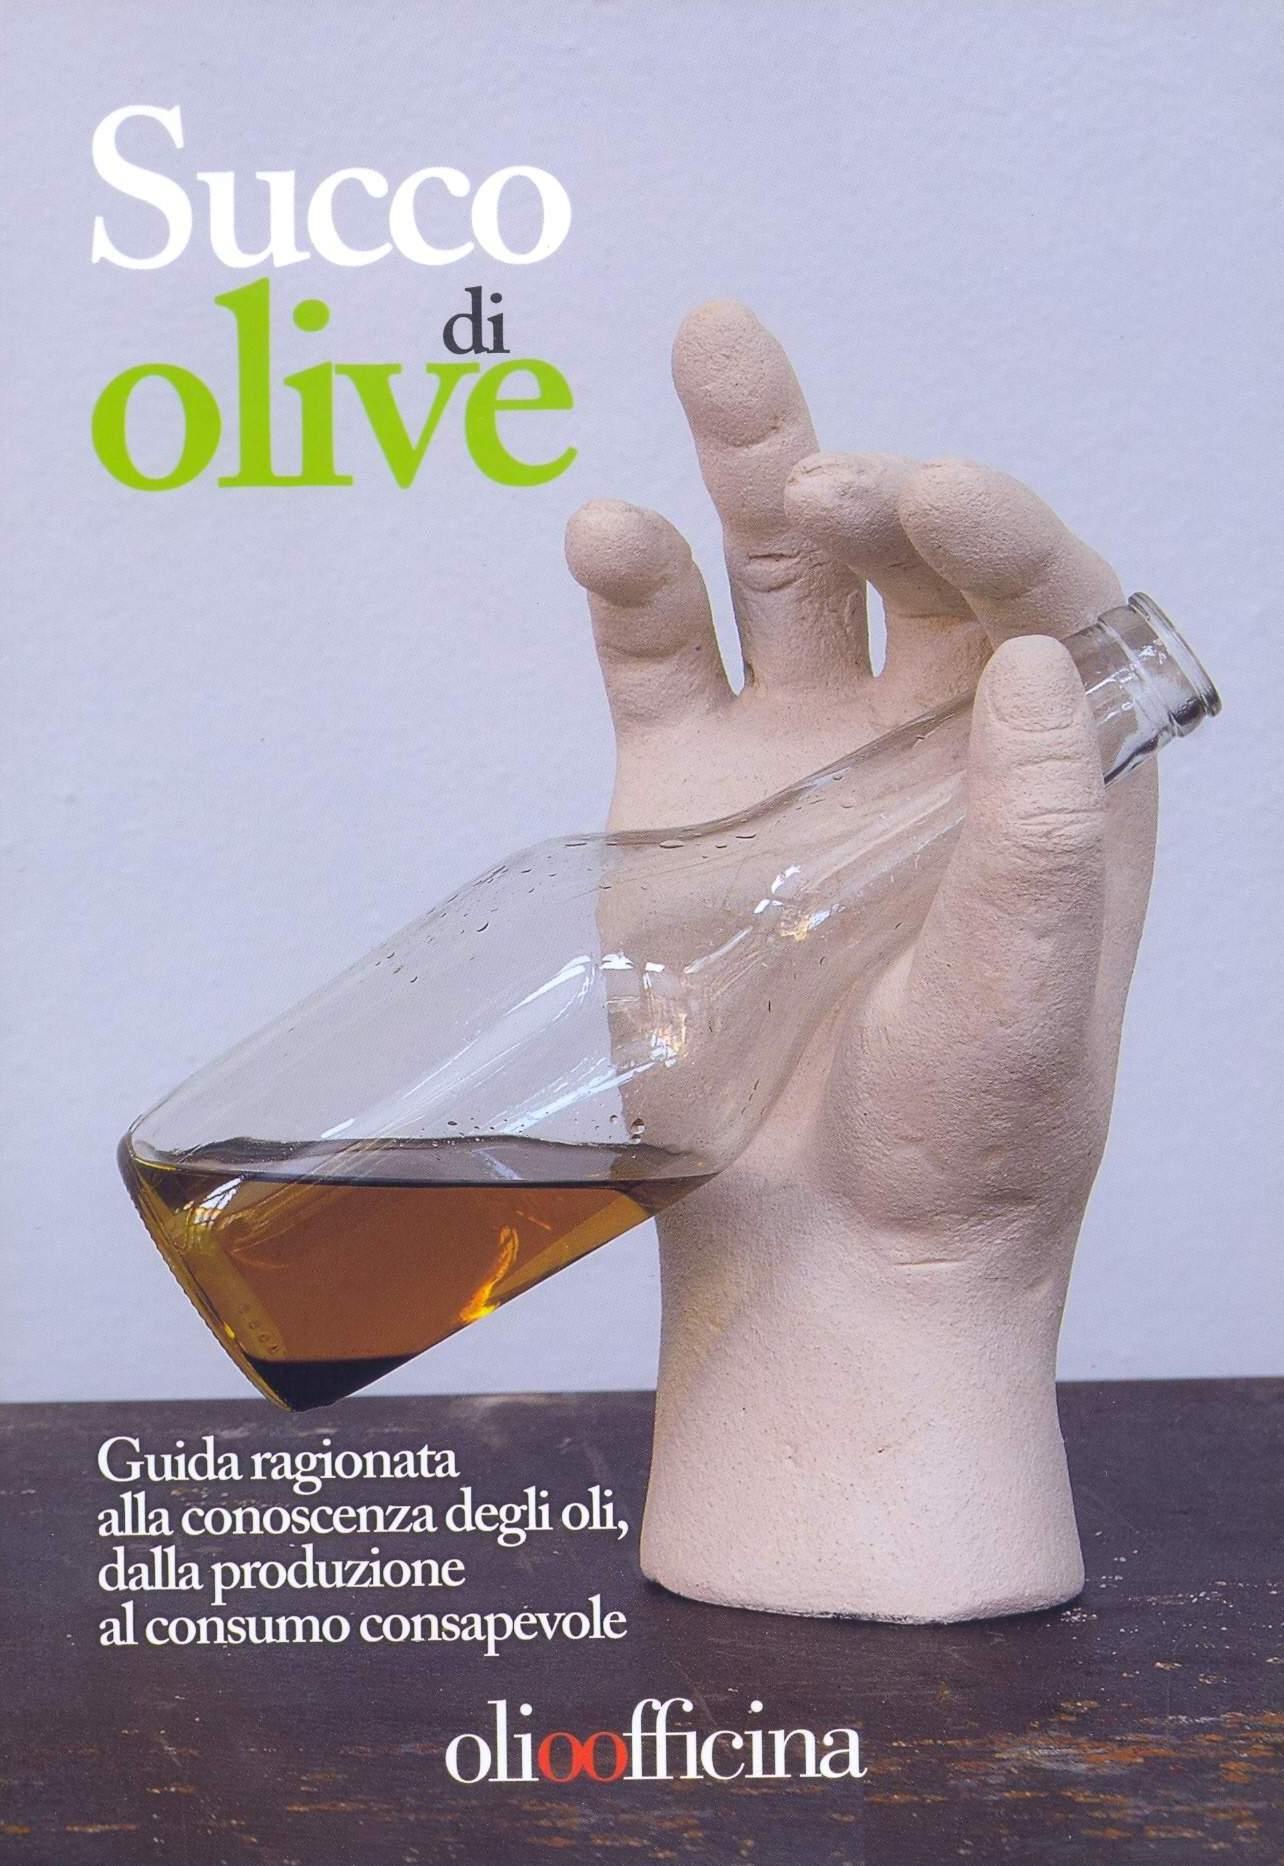 Succo di olive